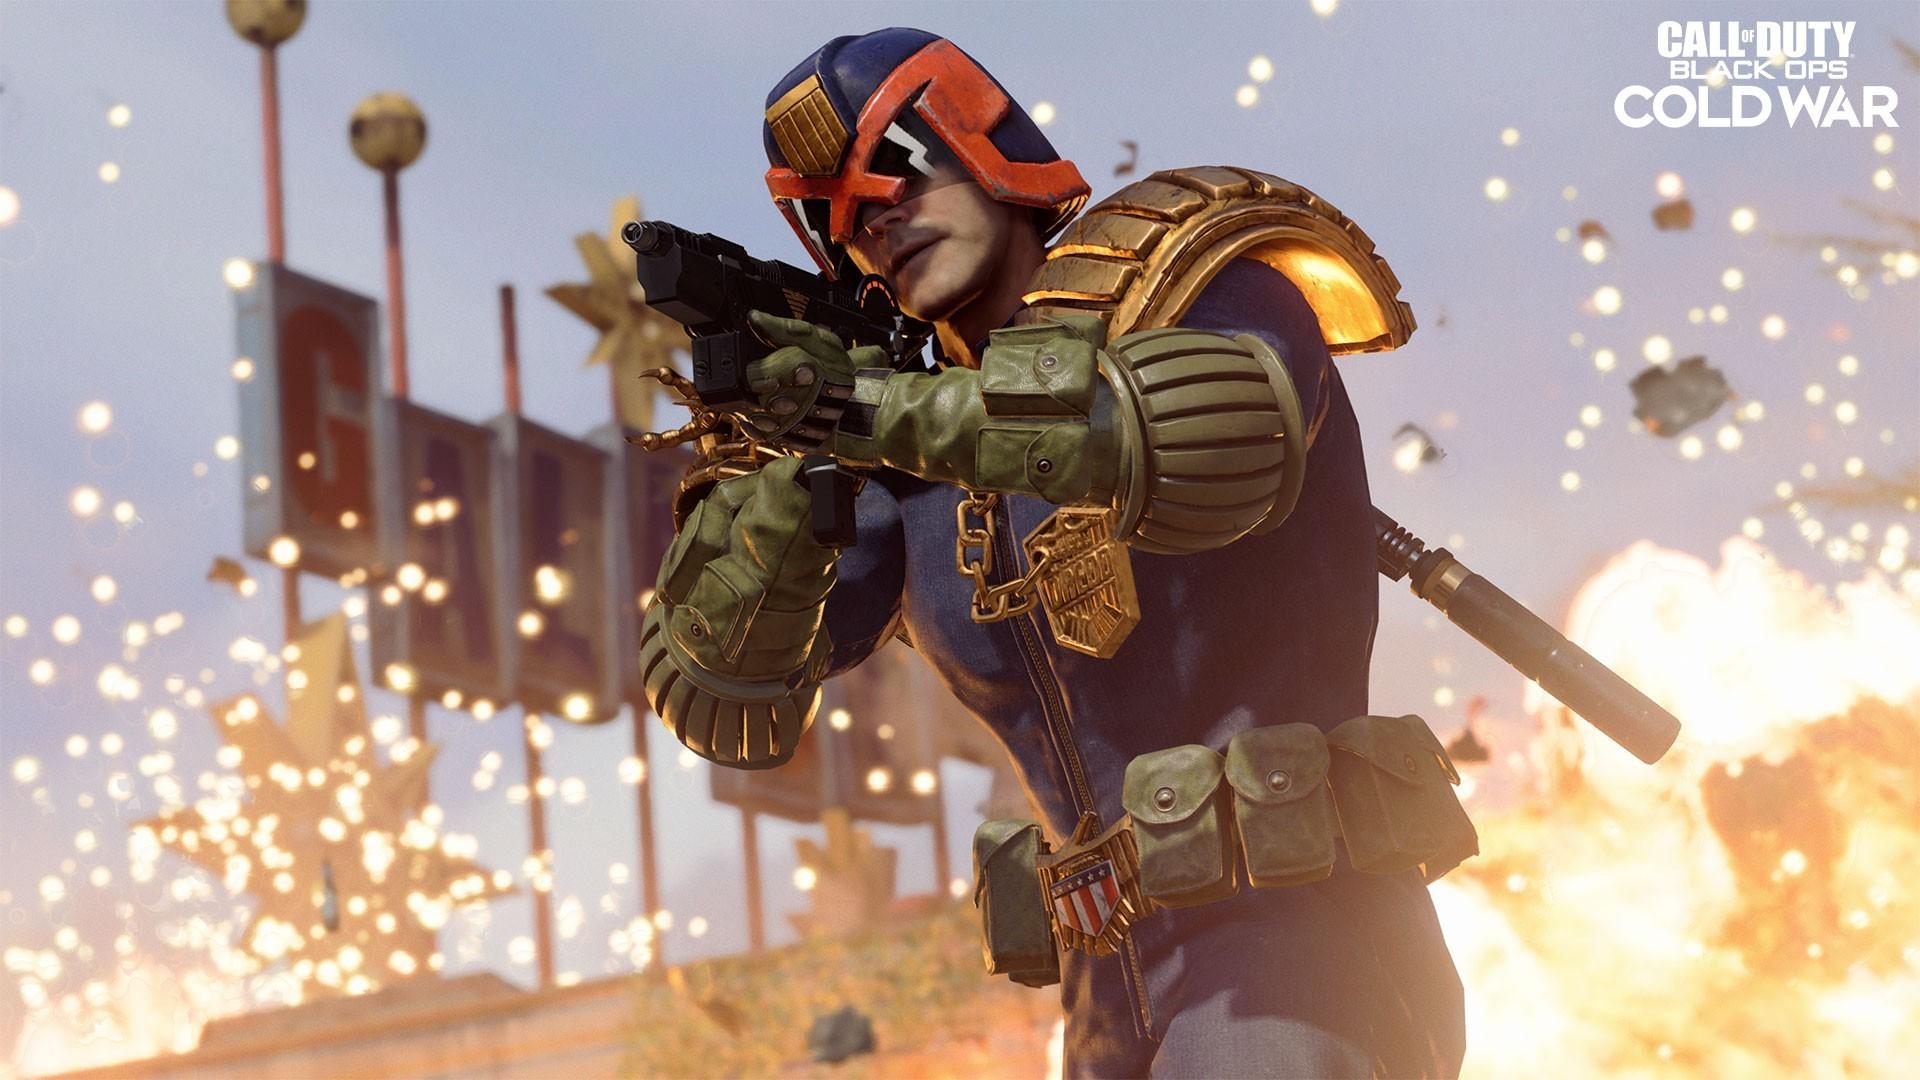 Судья Дредд появился в Call of Duty Warzone и Black Ops Cold War Я закон